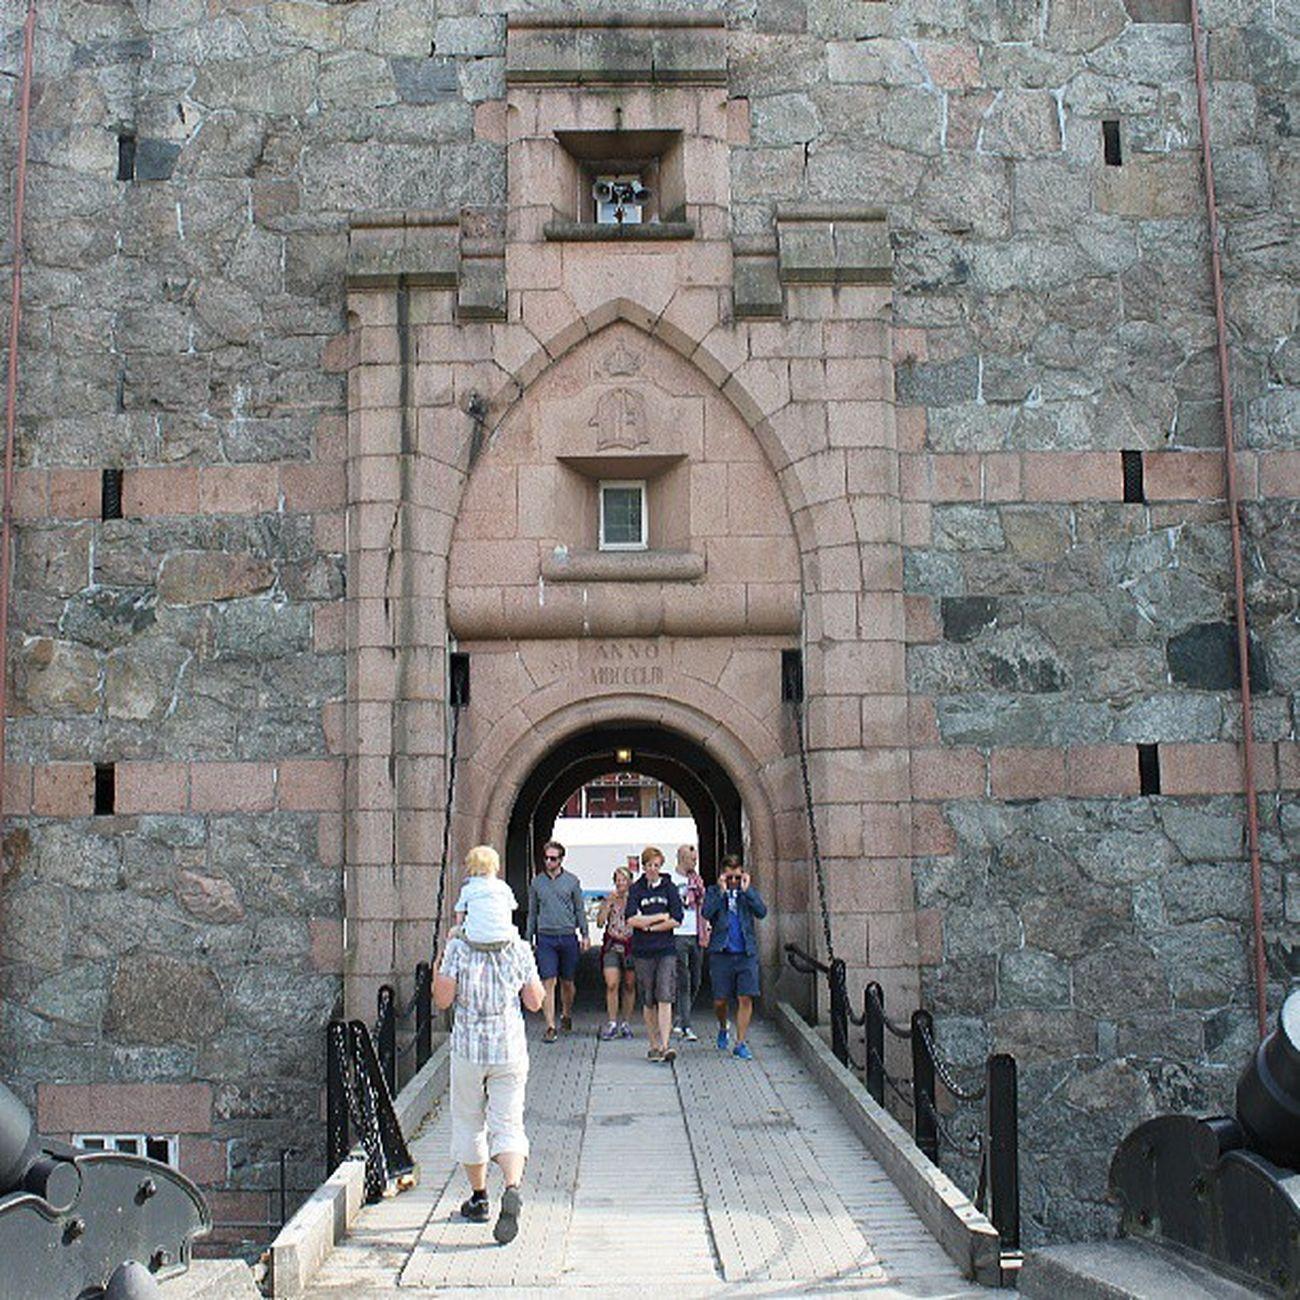 Dr øbak Frogn Follo  Akershus ilovenorway ilovenorway_akershus sommer sol summer oscarsborg fortress entrance 1853